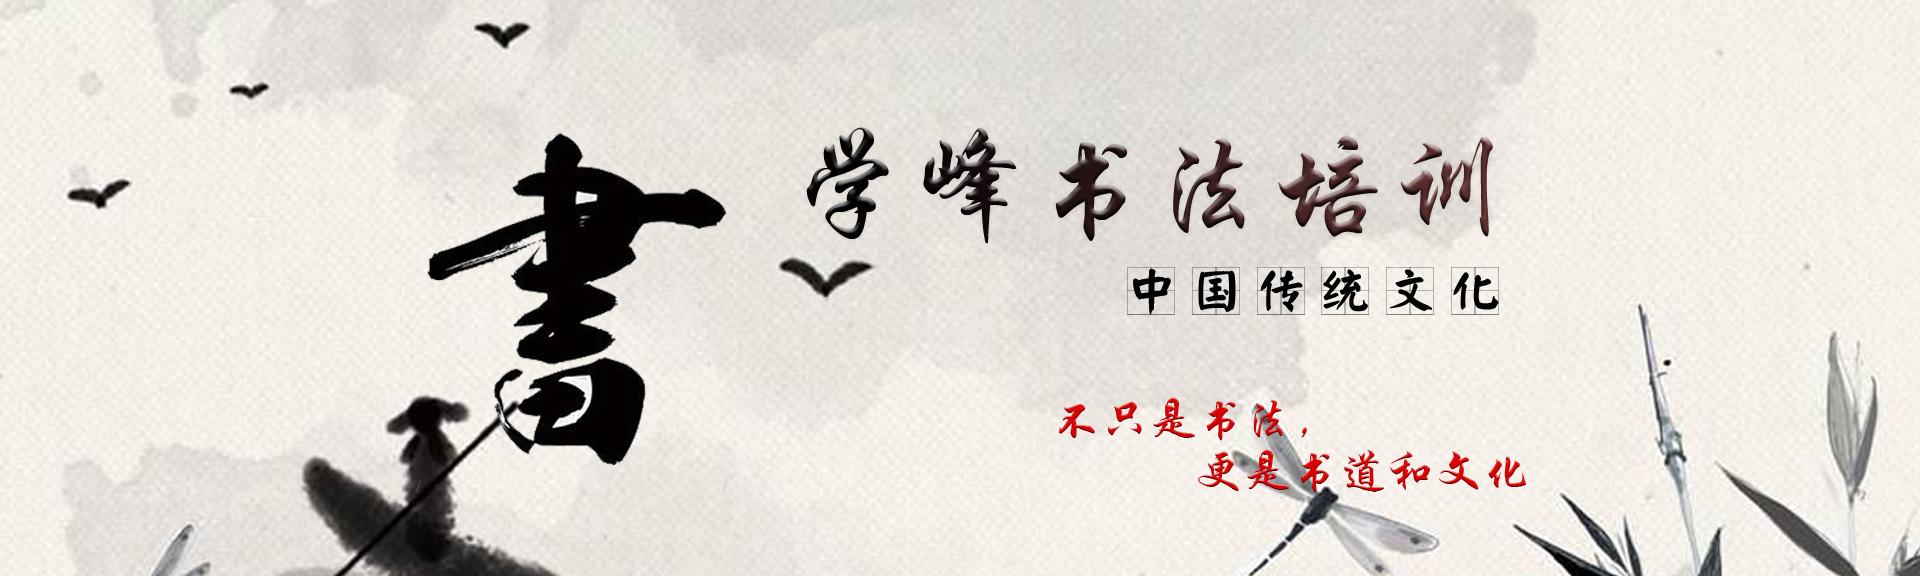 南阳高考书法培训学校